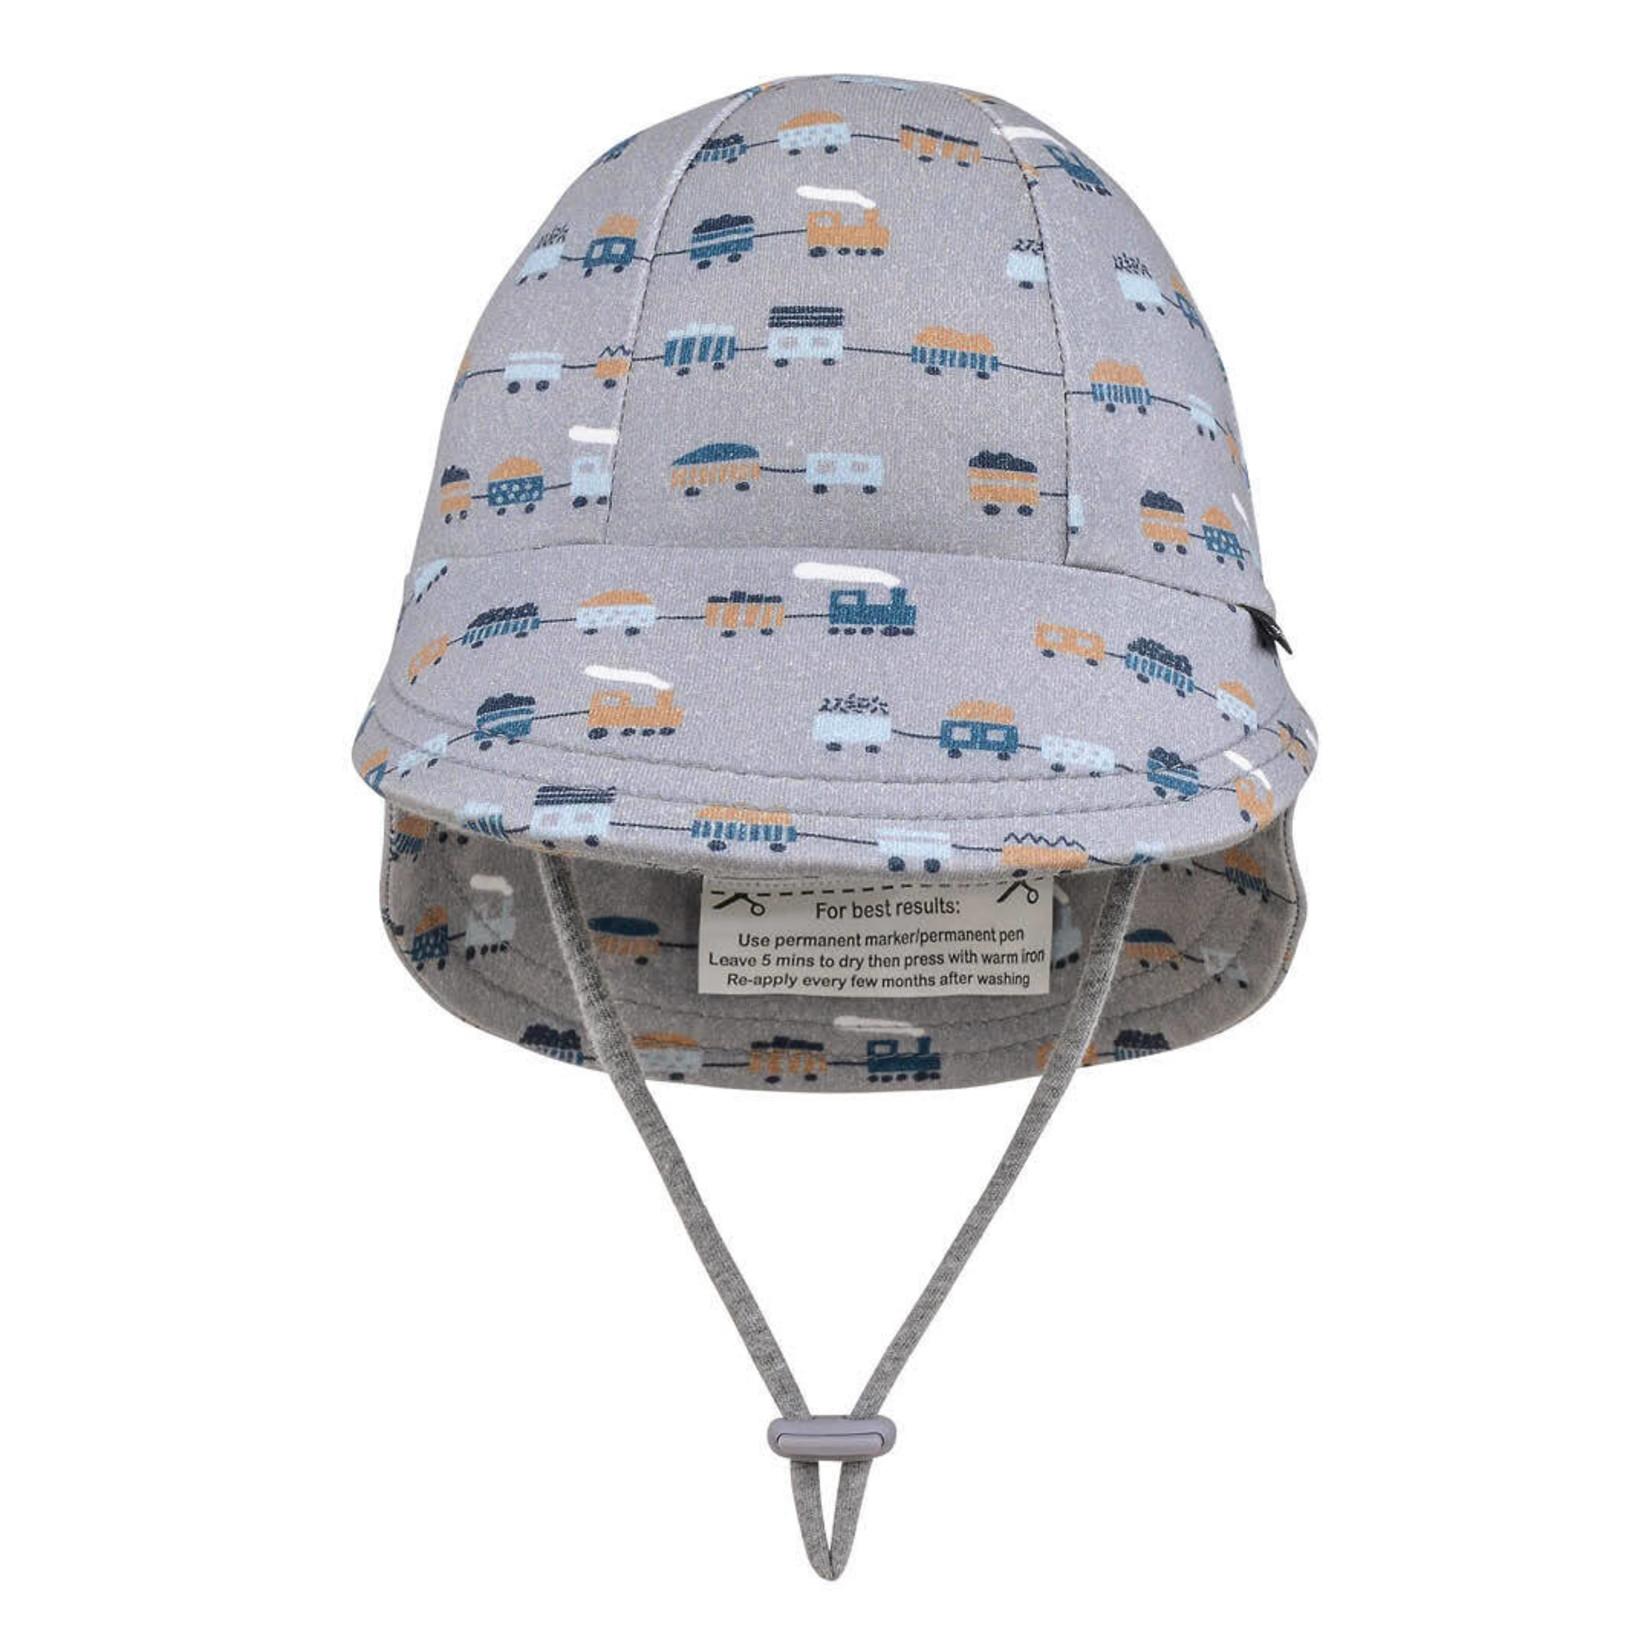 Bedhead Hats Bedhead Legionnaire Hat - Trains